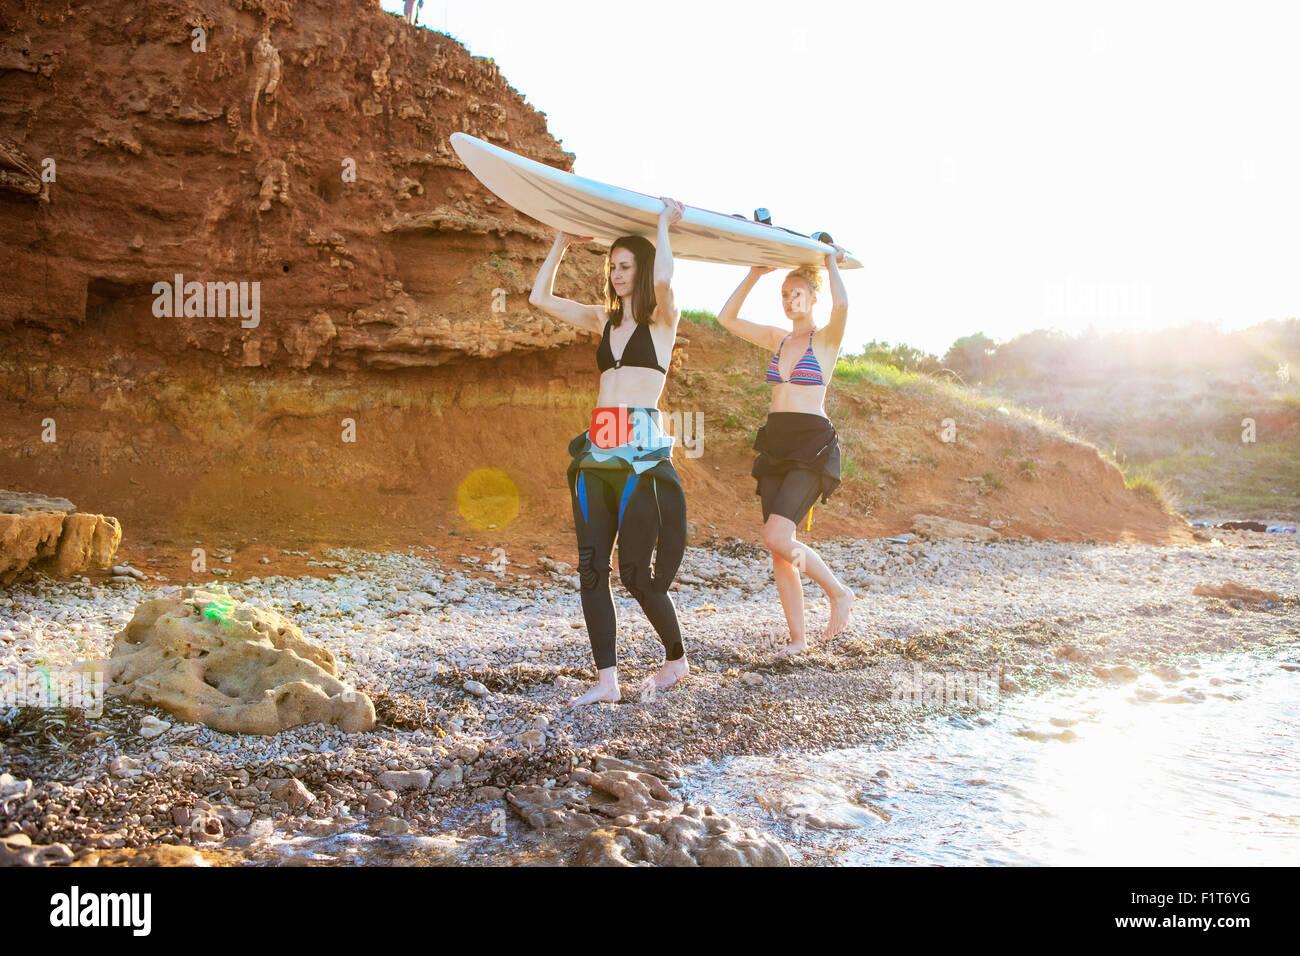 Femmina di surfers che trasportano le tavole da surf Immagini Stock